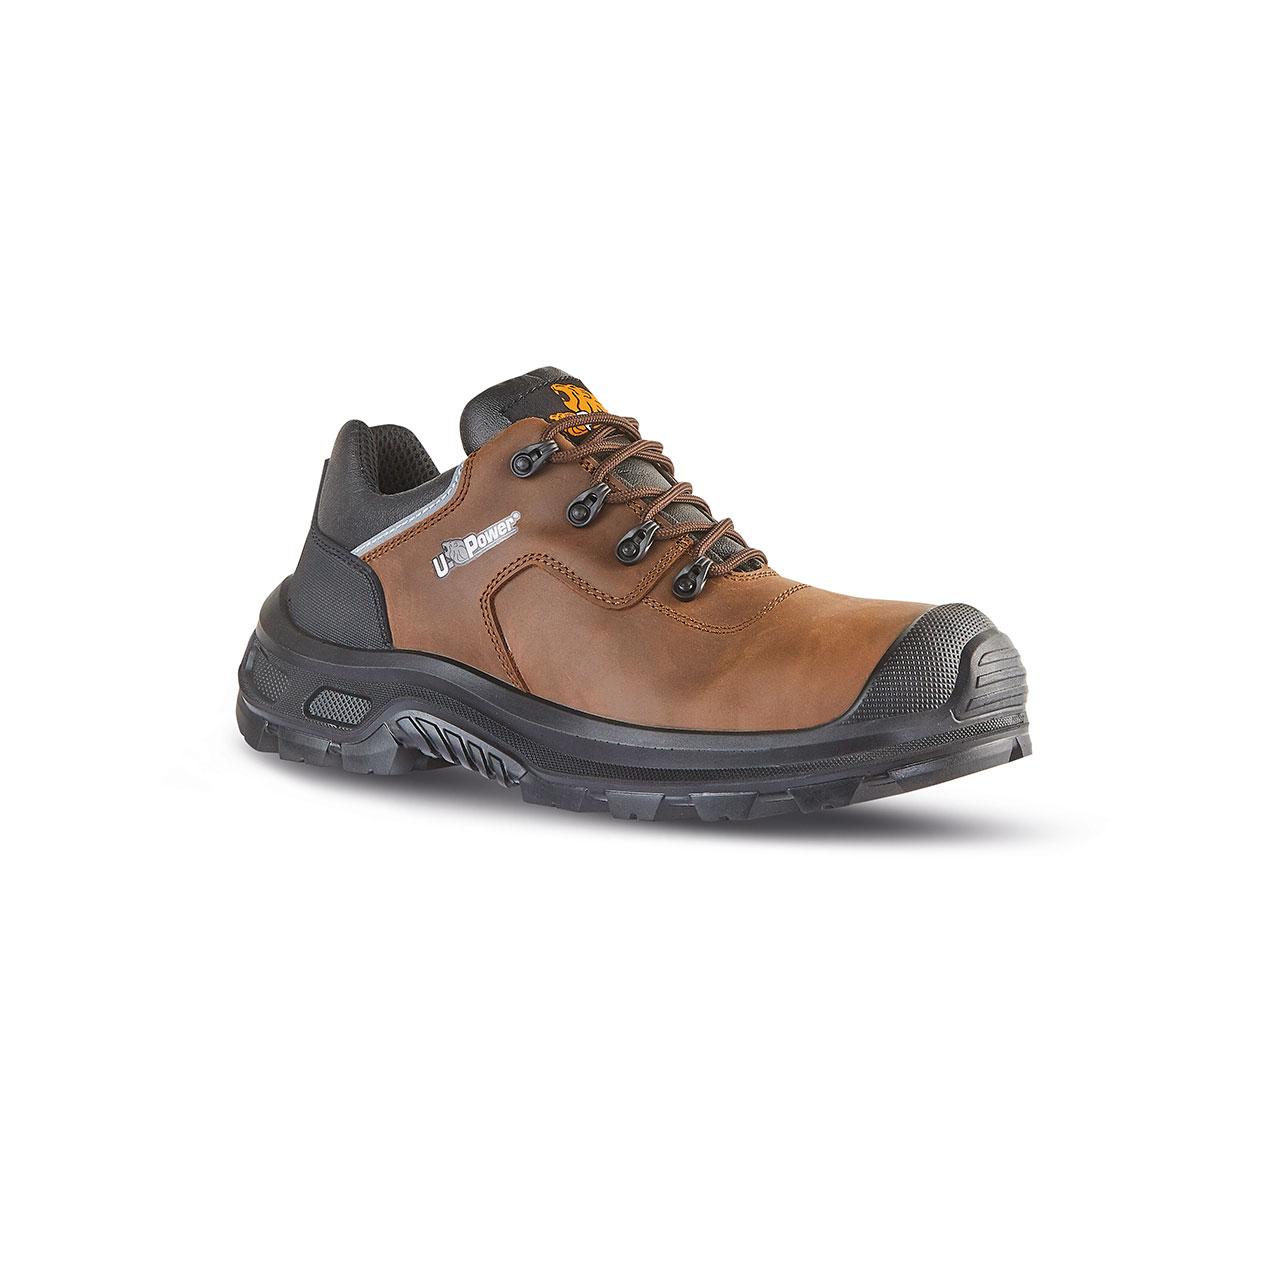 scarpa antinfortunistica upower modello moska linea redindustry vista laterale